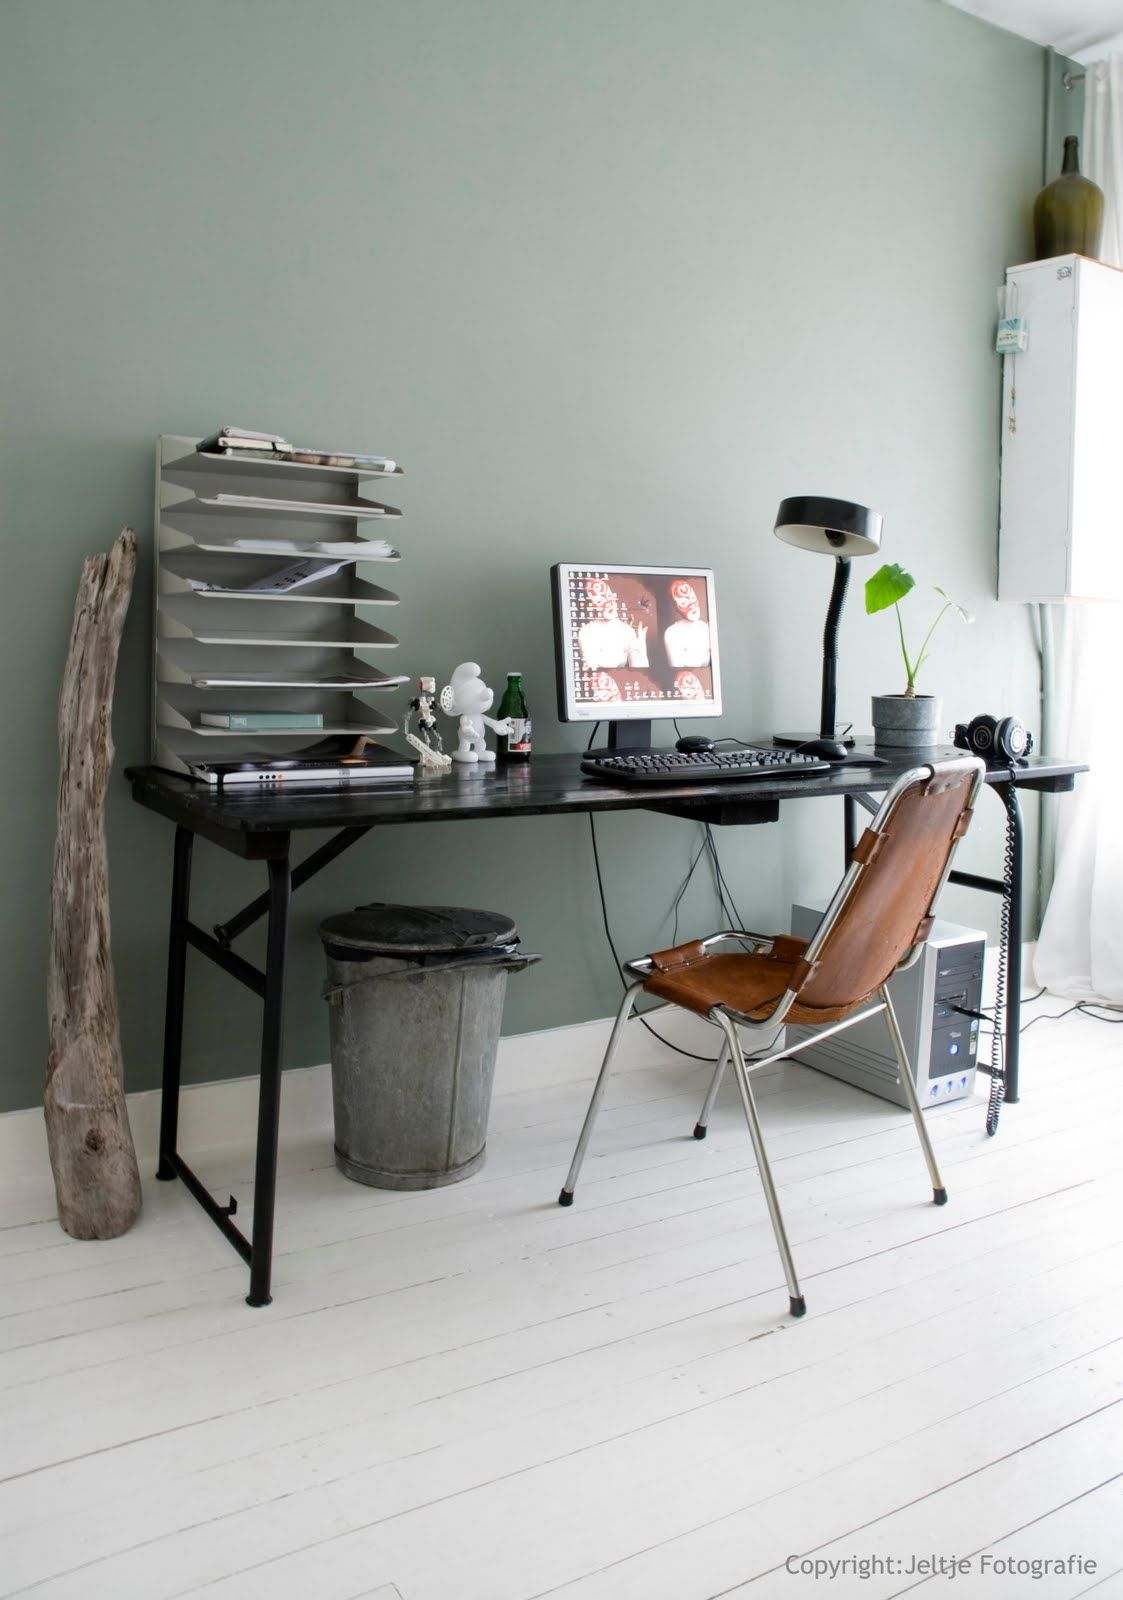 Mijn favoriete woonkamer: werkplek #leenbakker | P L A C E S ...